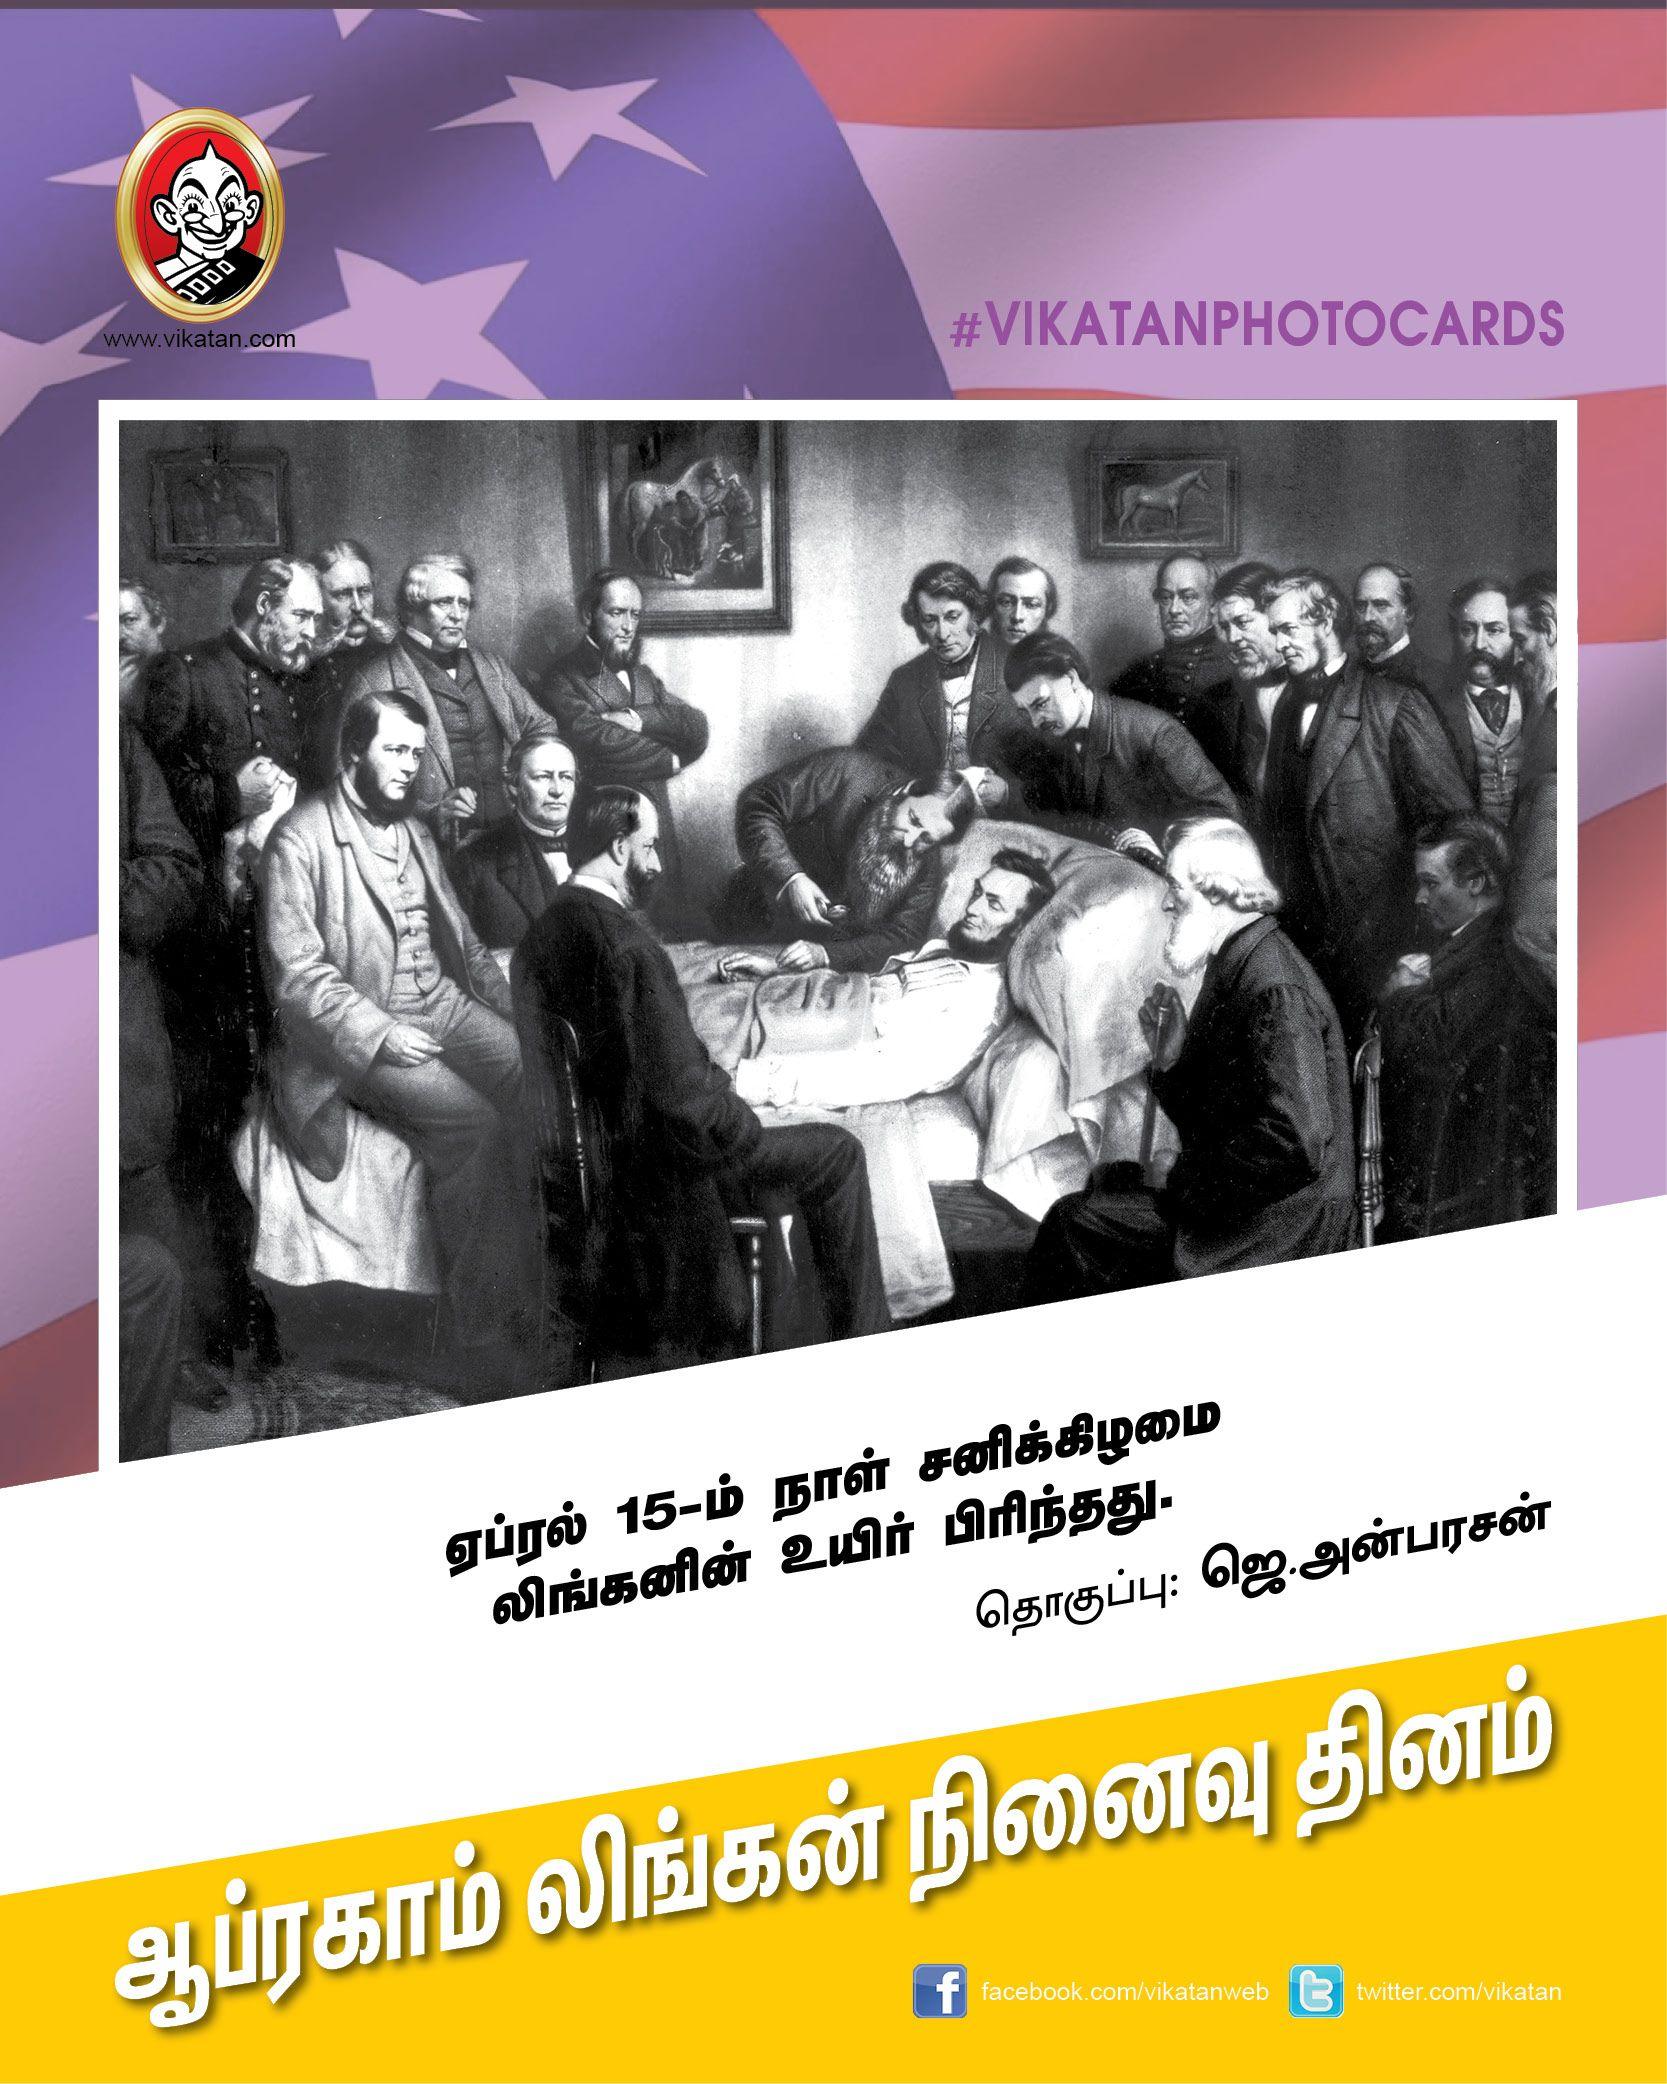 ஆபிரகாம் லிங்கனின் வாழ்க்கை வரலாறு...15 படங்களில்! #VikatanPhotoCards